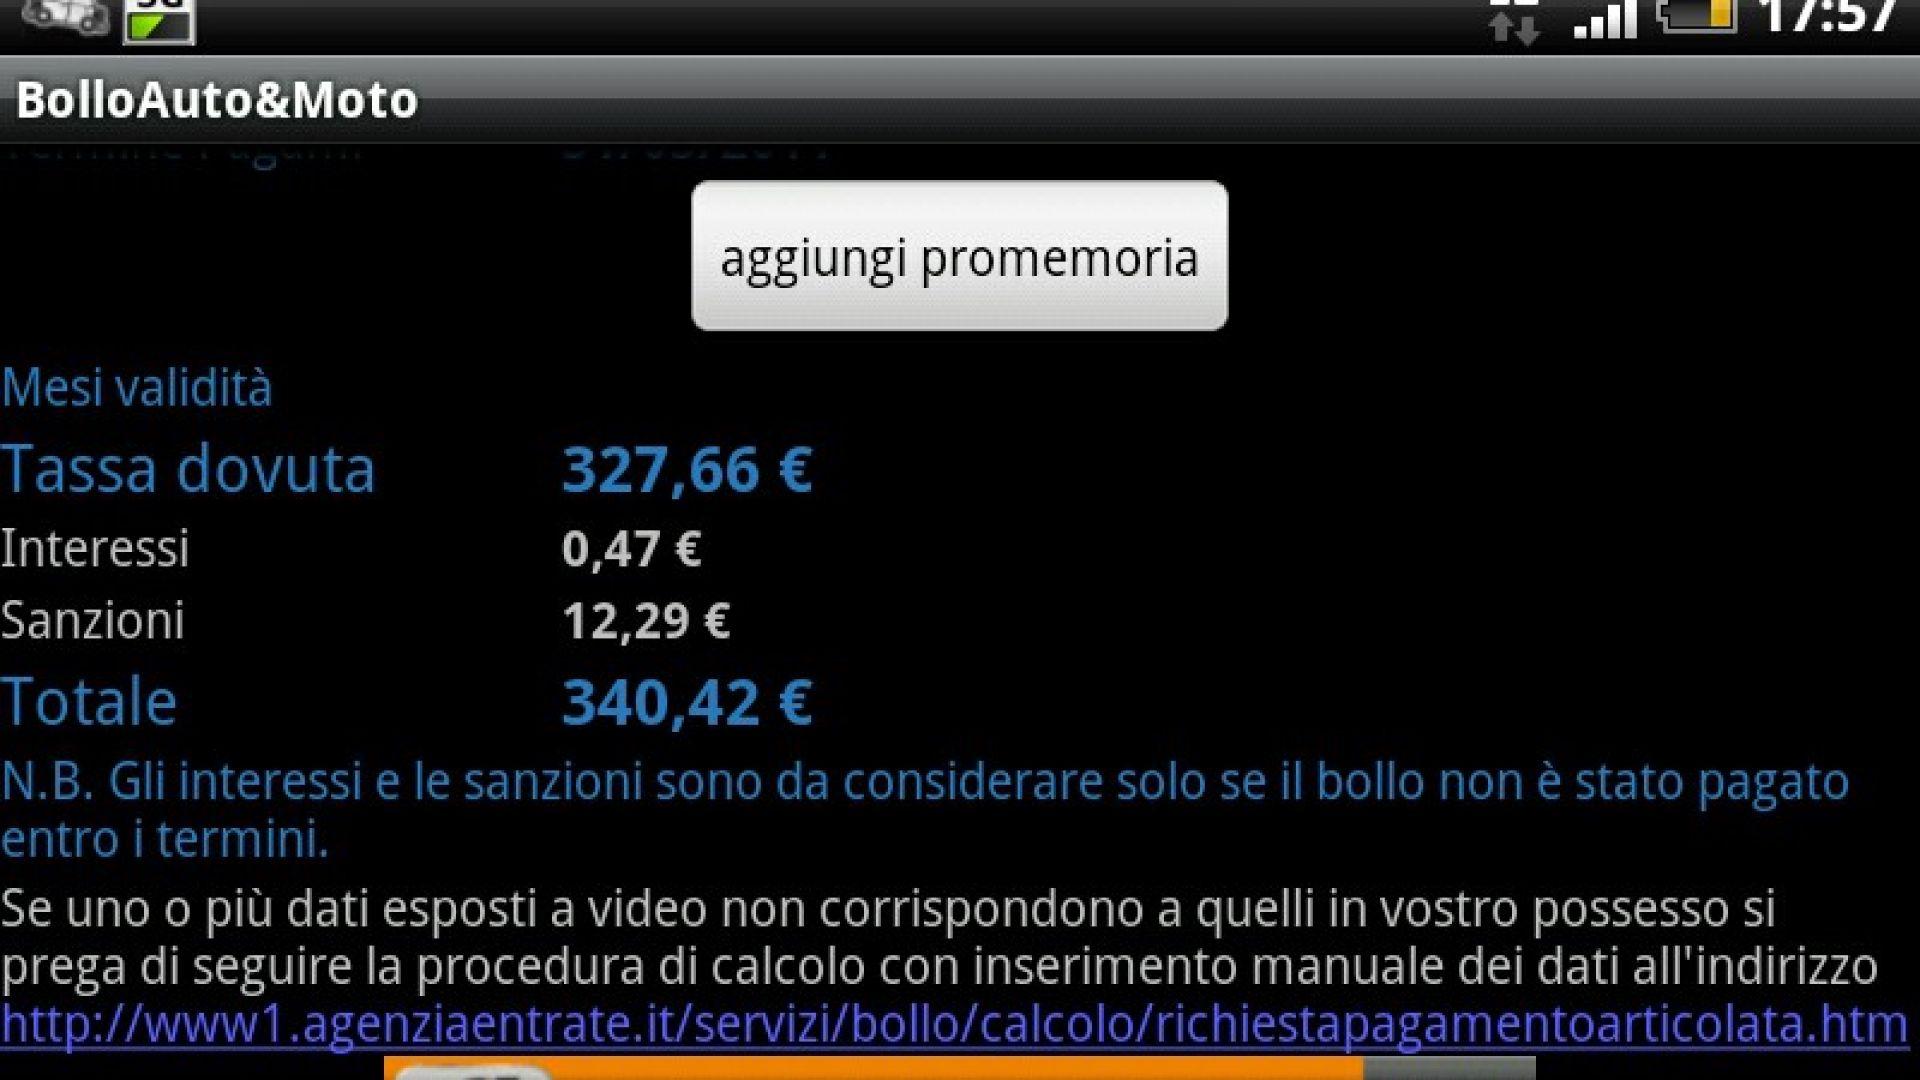 Immagine 0: Bollo Auto & Moto